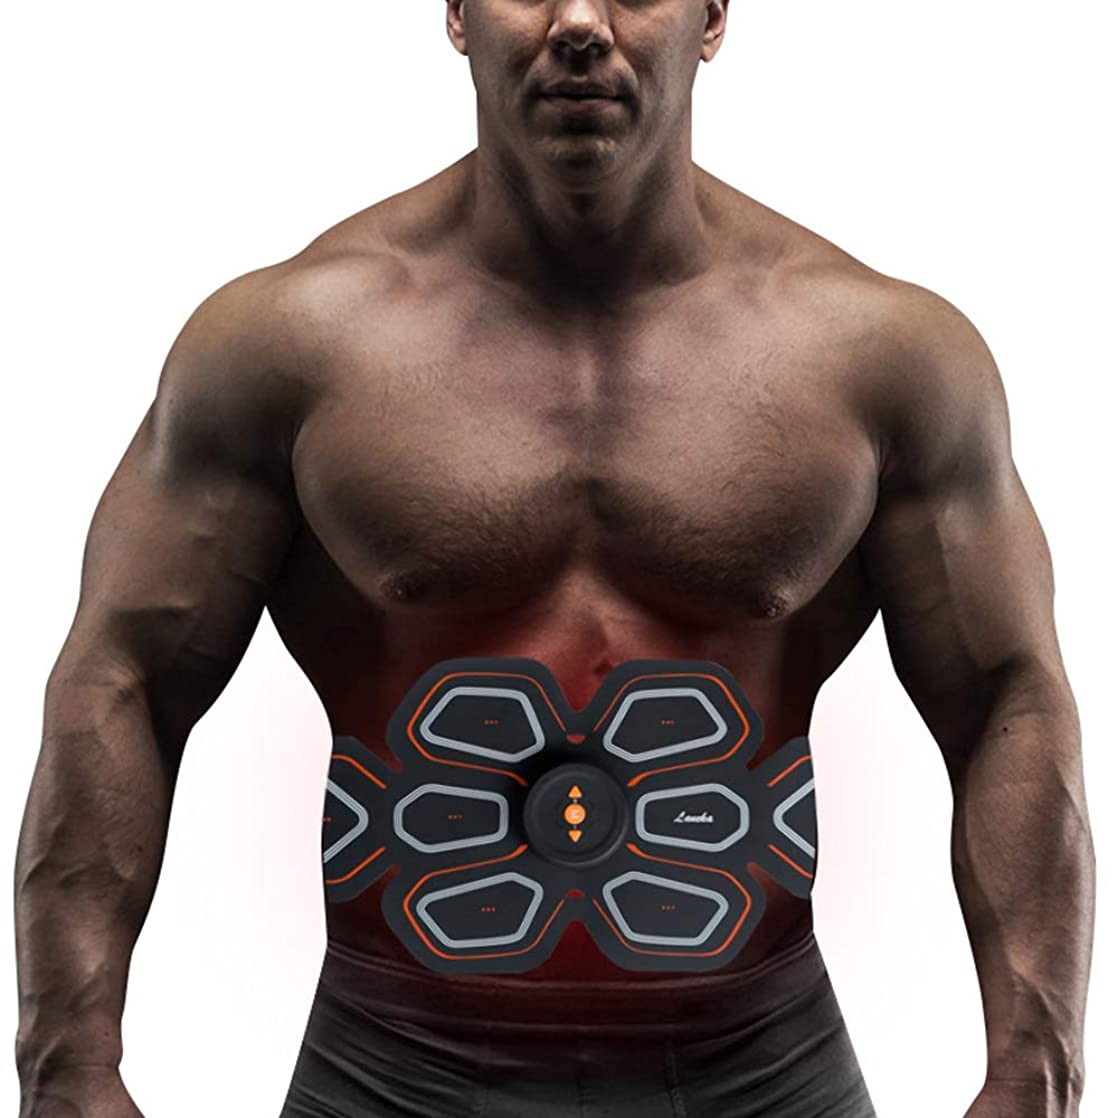 軍隊罪肉スマート腹部筋肉トレーナーusb電気マッサージフィットネス機器EMS筋肉刺激装置体重減少マッサージスポーツフィットネス機器ユニセックス